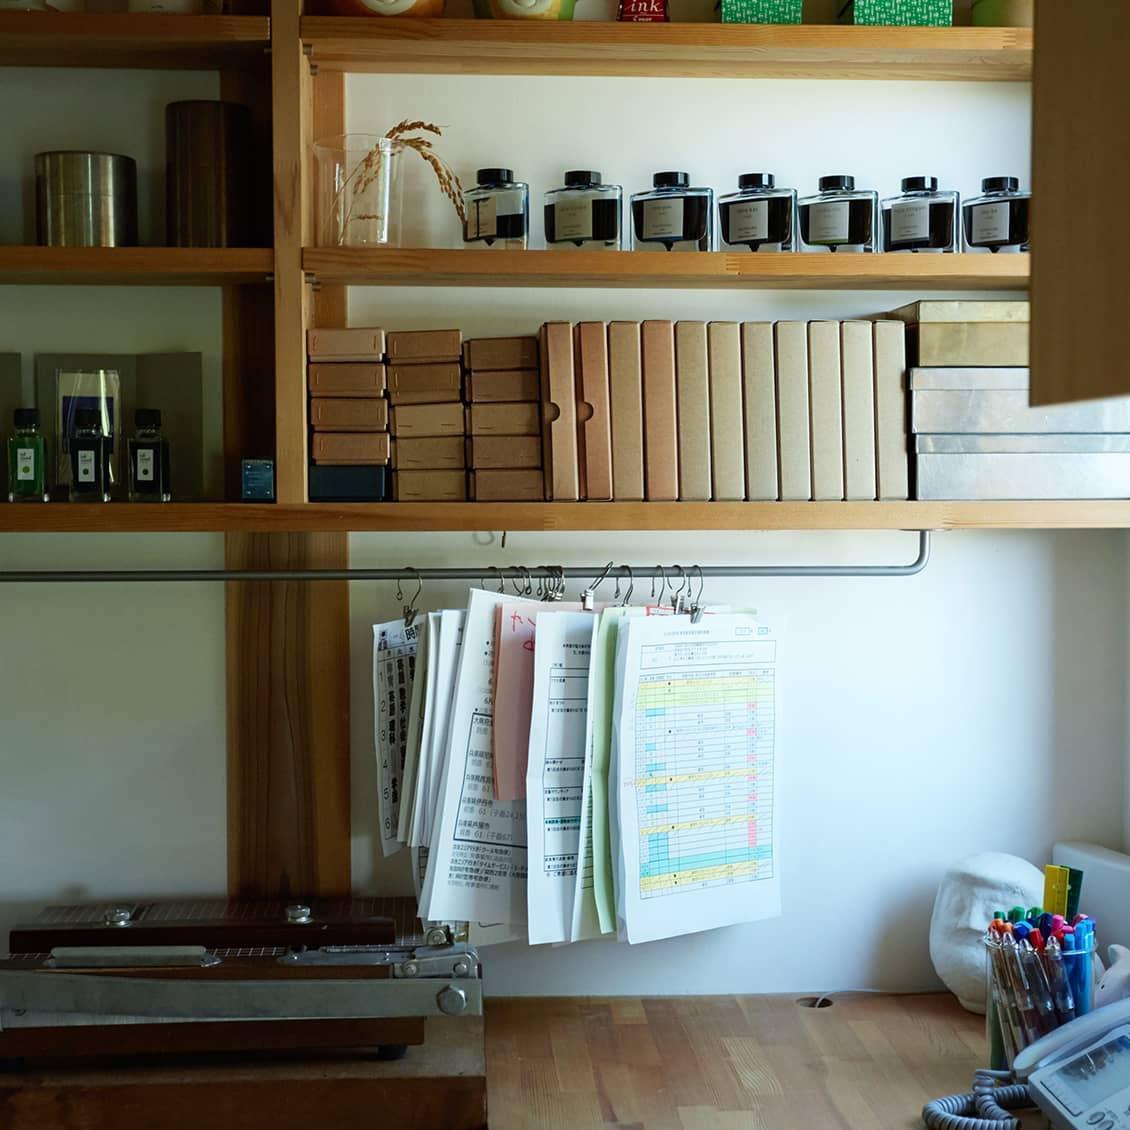 【すきま収納を味方に】散らかりがちな書類は、すきまを利用したバーに吊るして。収納のアイデアいろいろ